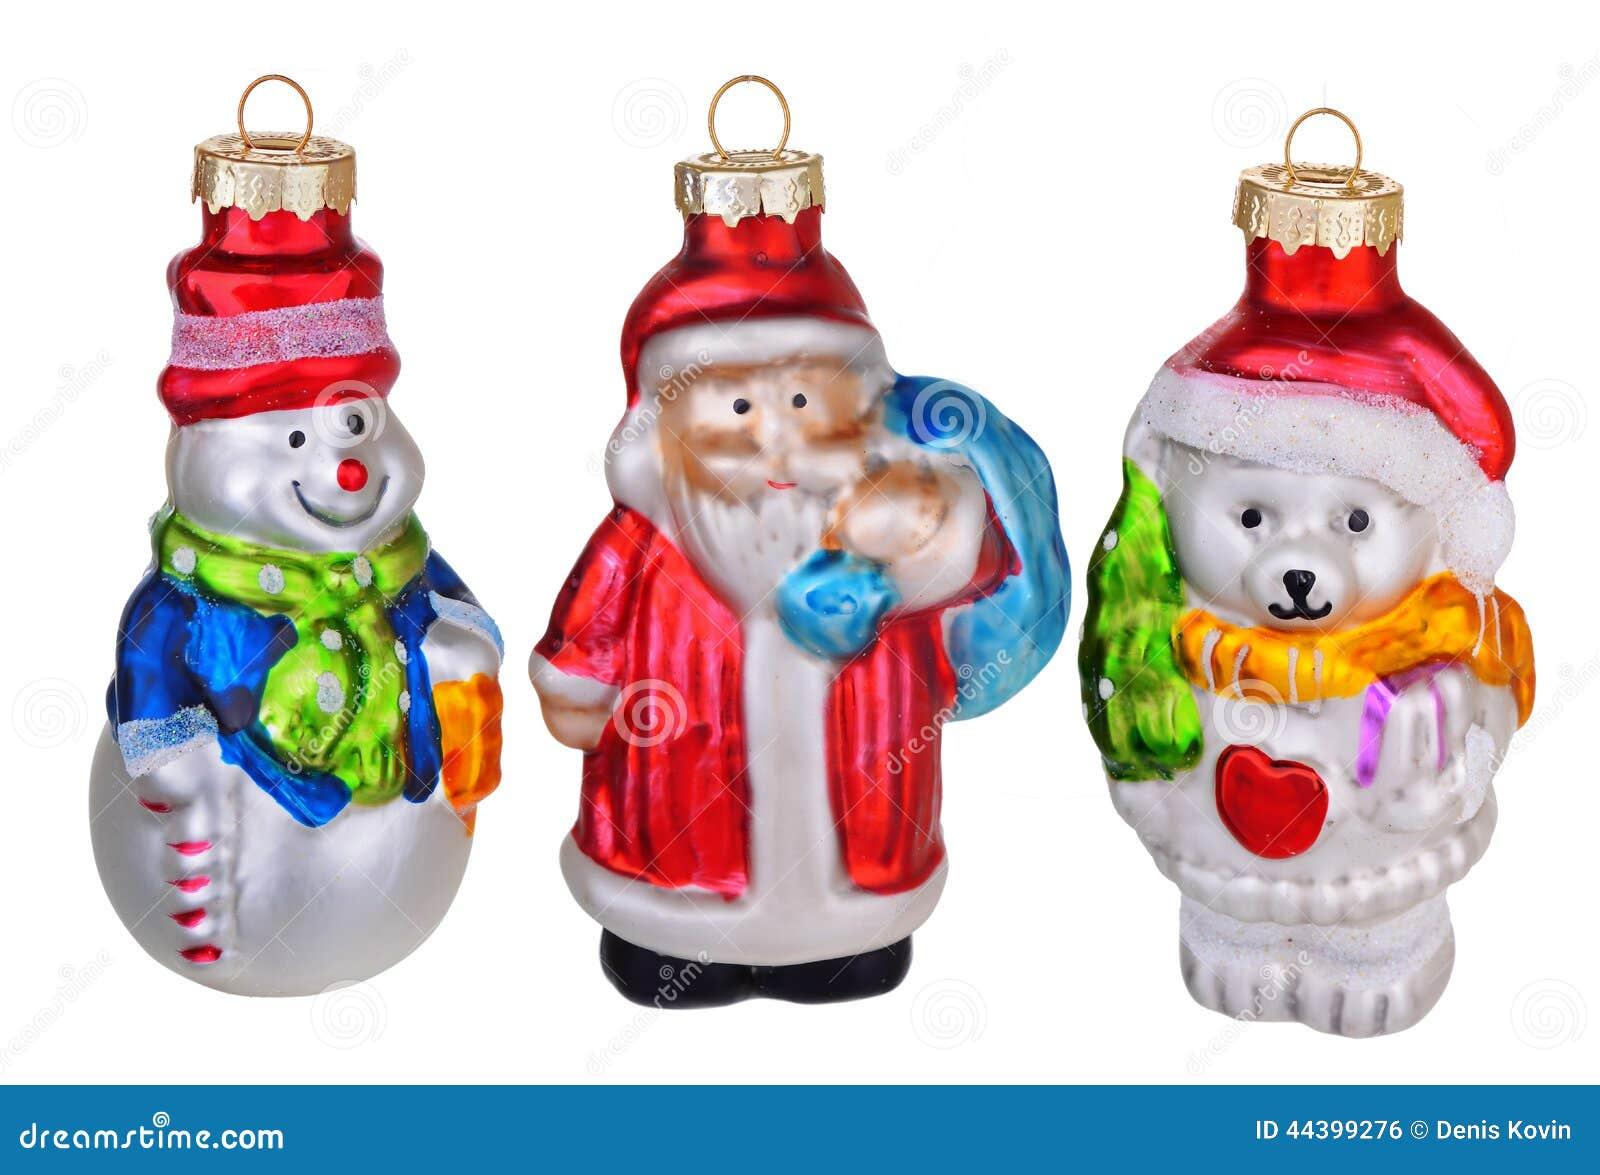 Retro Christmas Toy : Old vintage christmas toys stock photo image